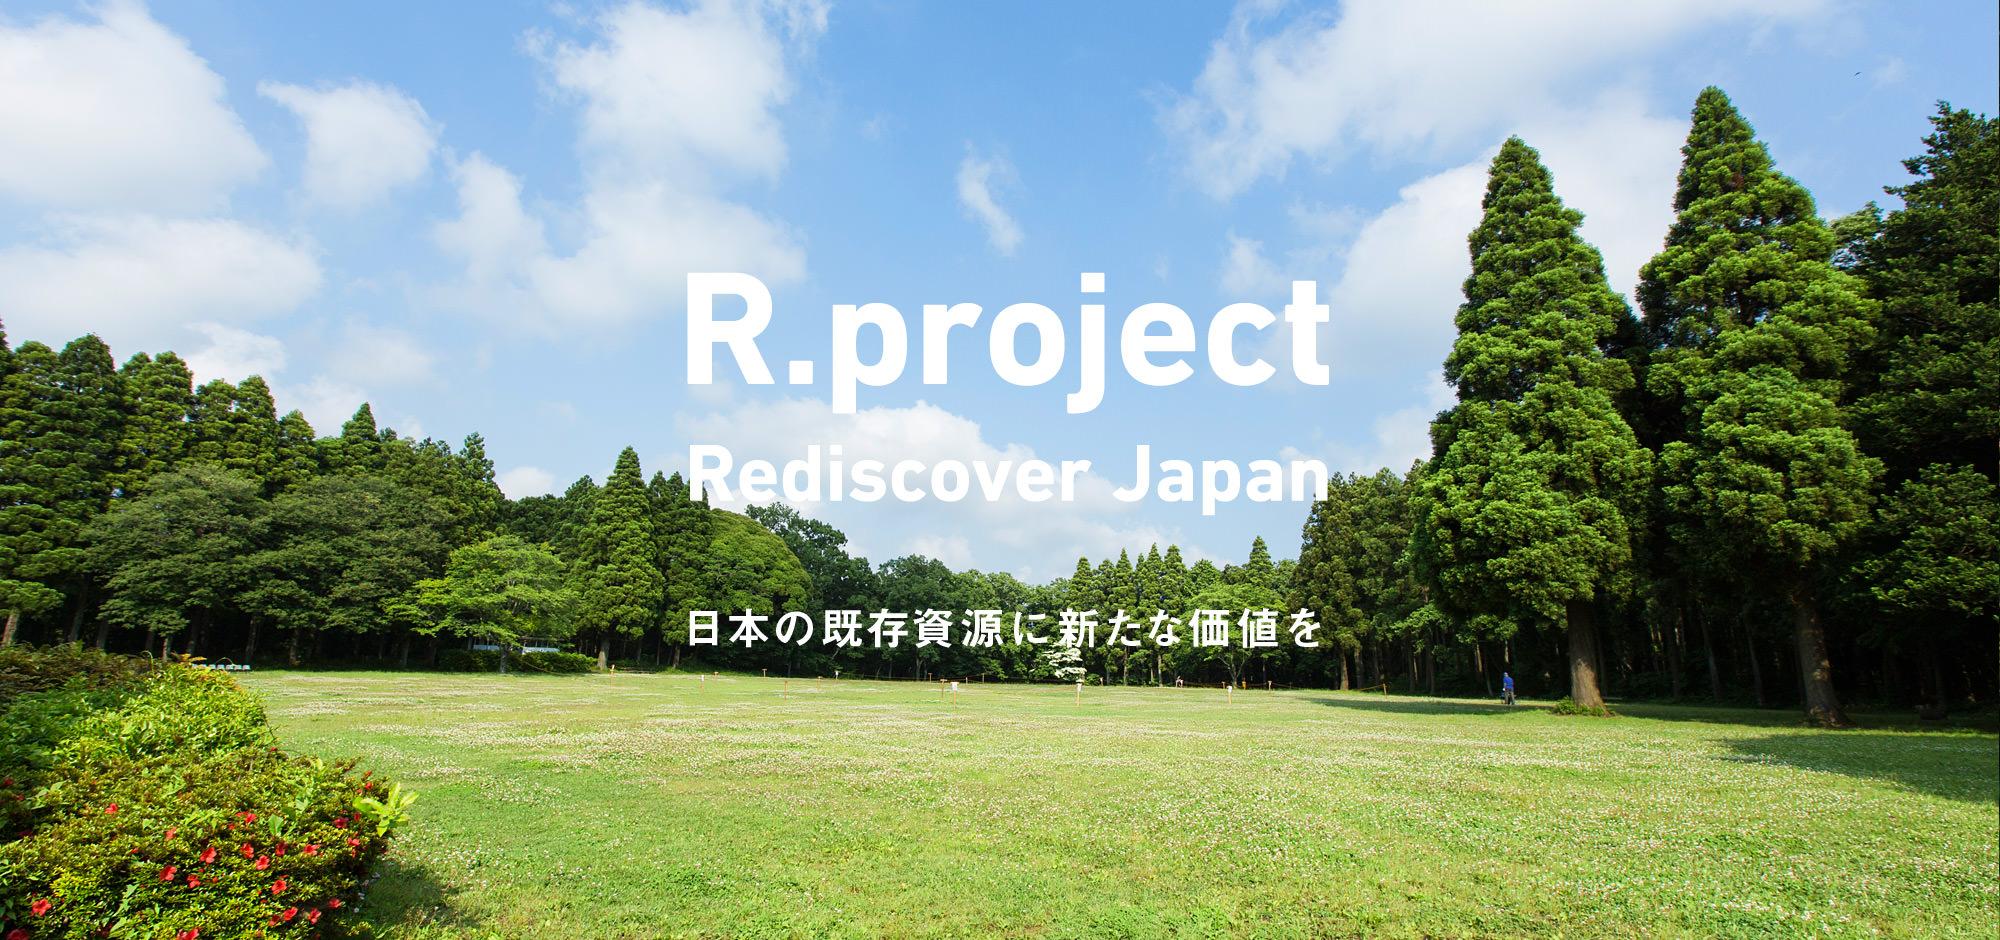 日本の既存資源に新たな価値を